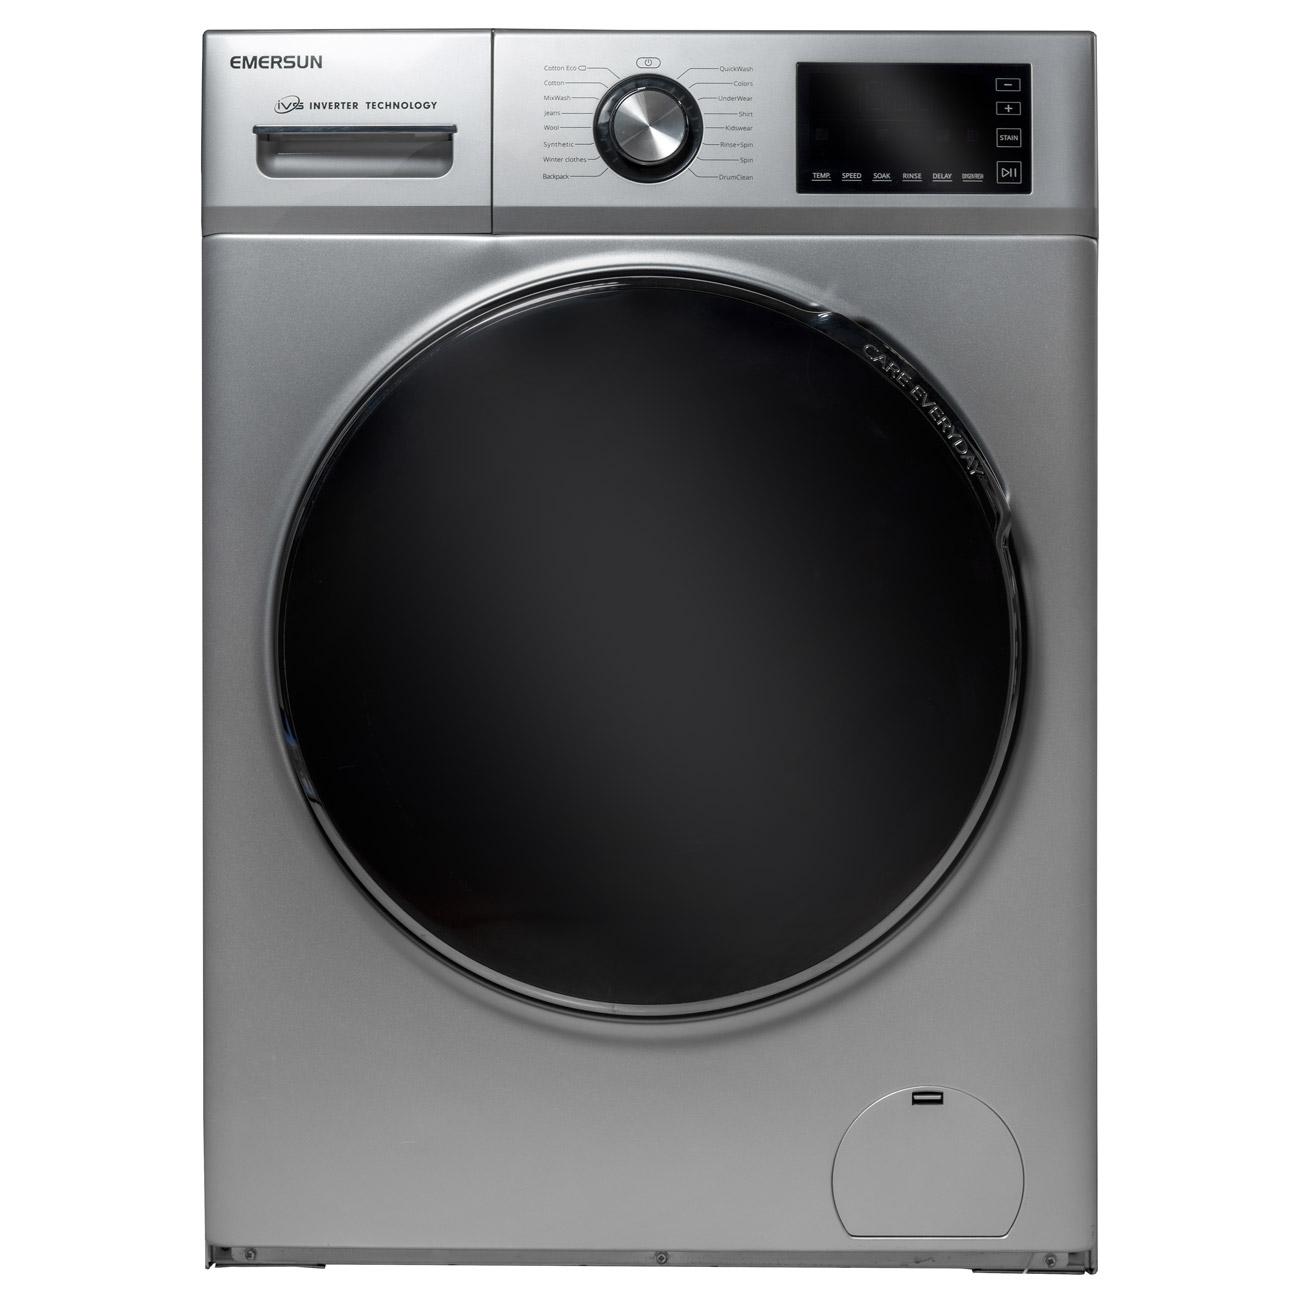 فروش نقدی و اقساطی ماشین لباسشویی امرسان مدل FS08ND ظرفیت 8 کیلوگرم